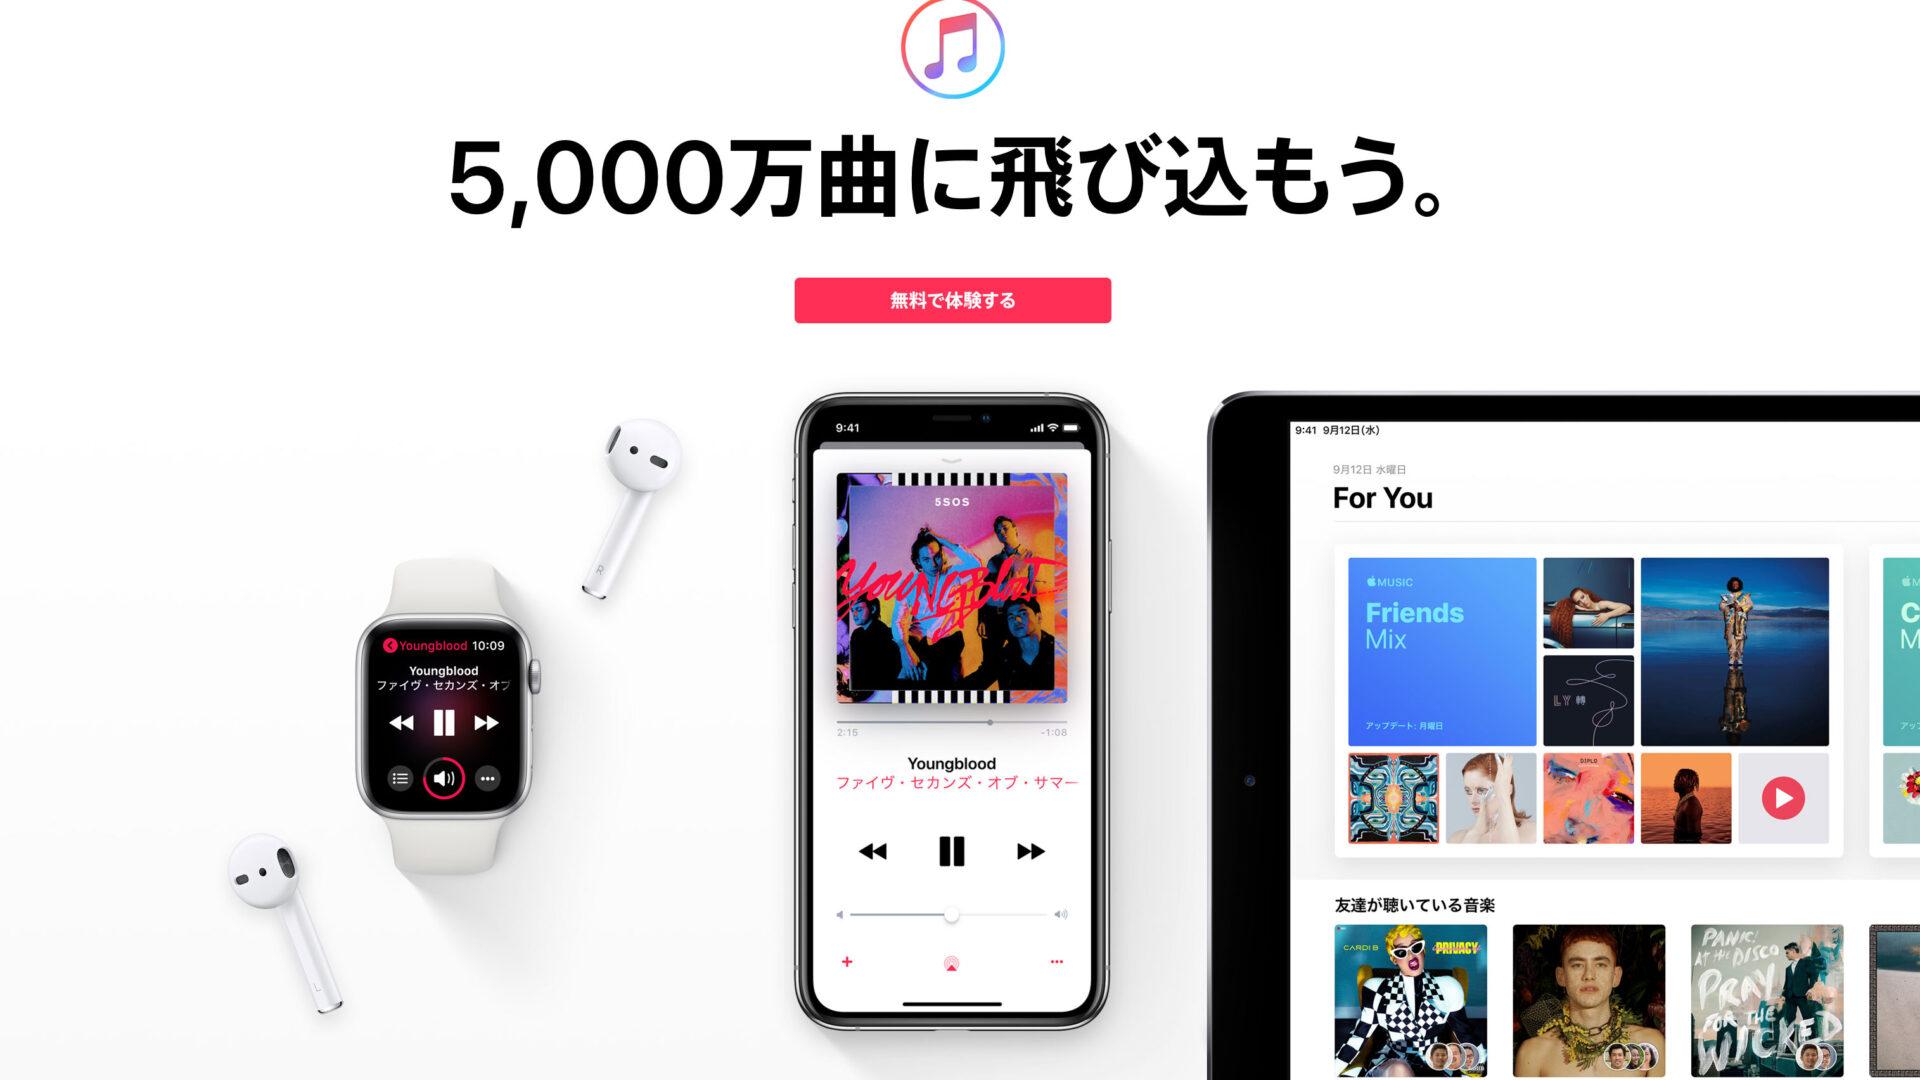 音楽定額配信サービス「Apple Music」を再開した事でいよいよ年末年始の走り込みに向けた準備も万全